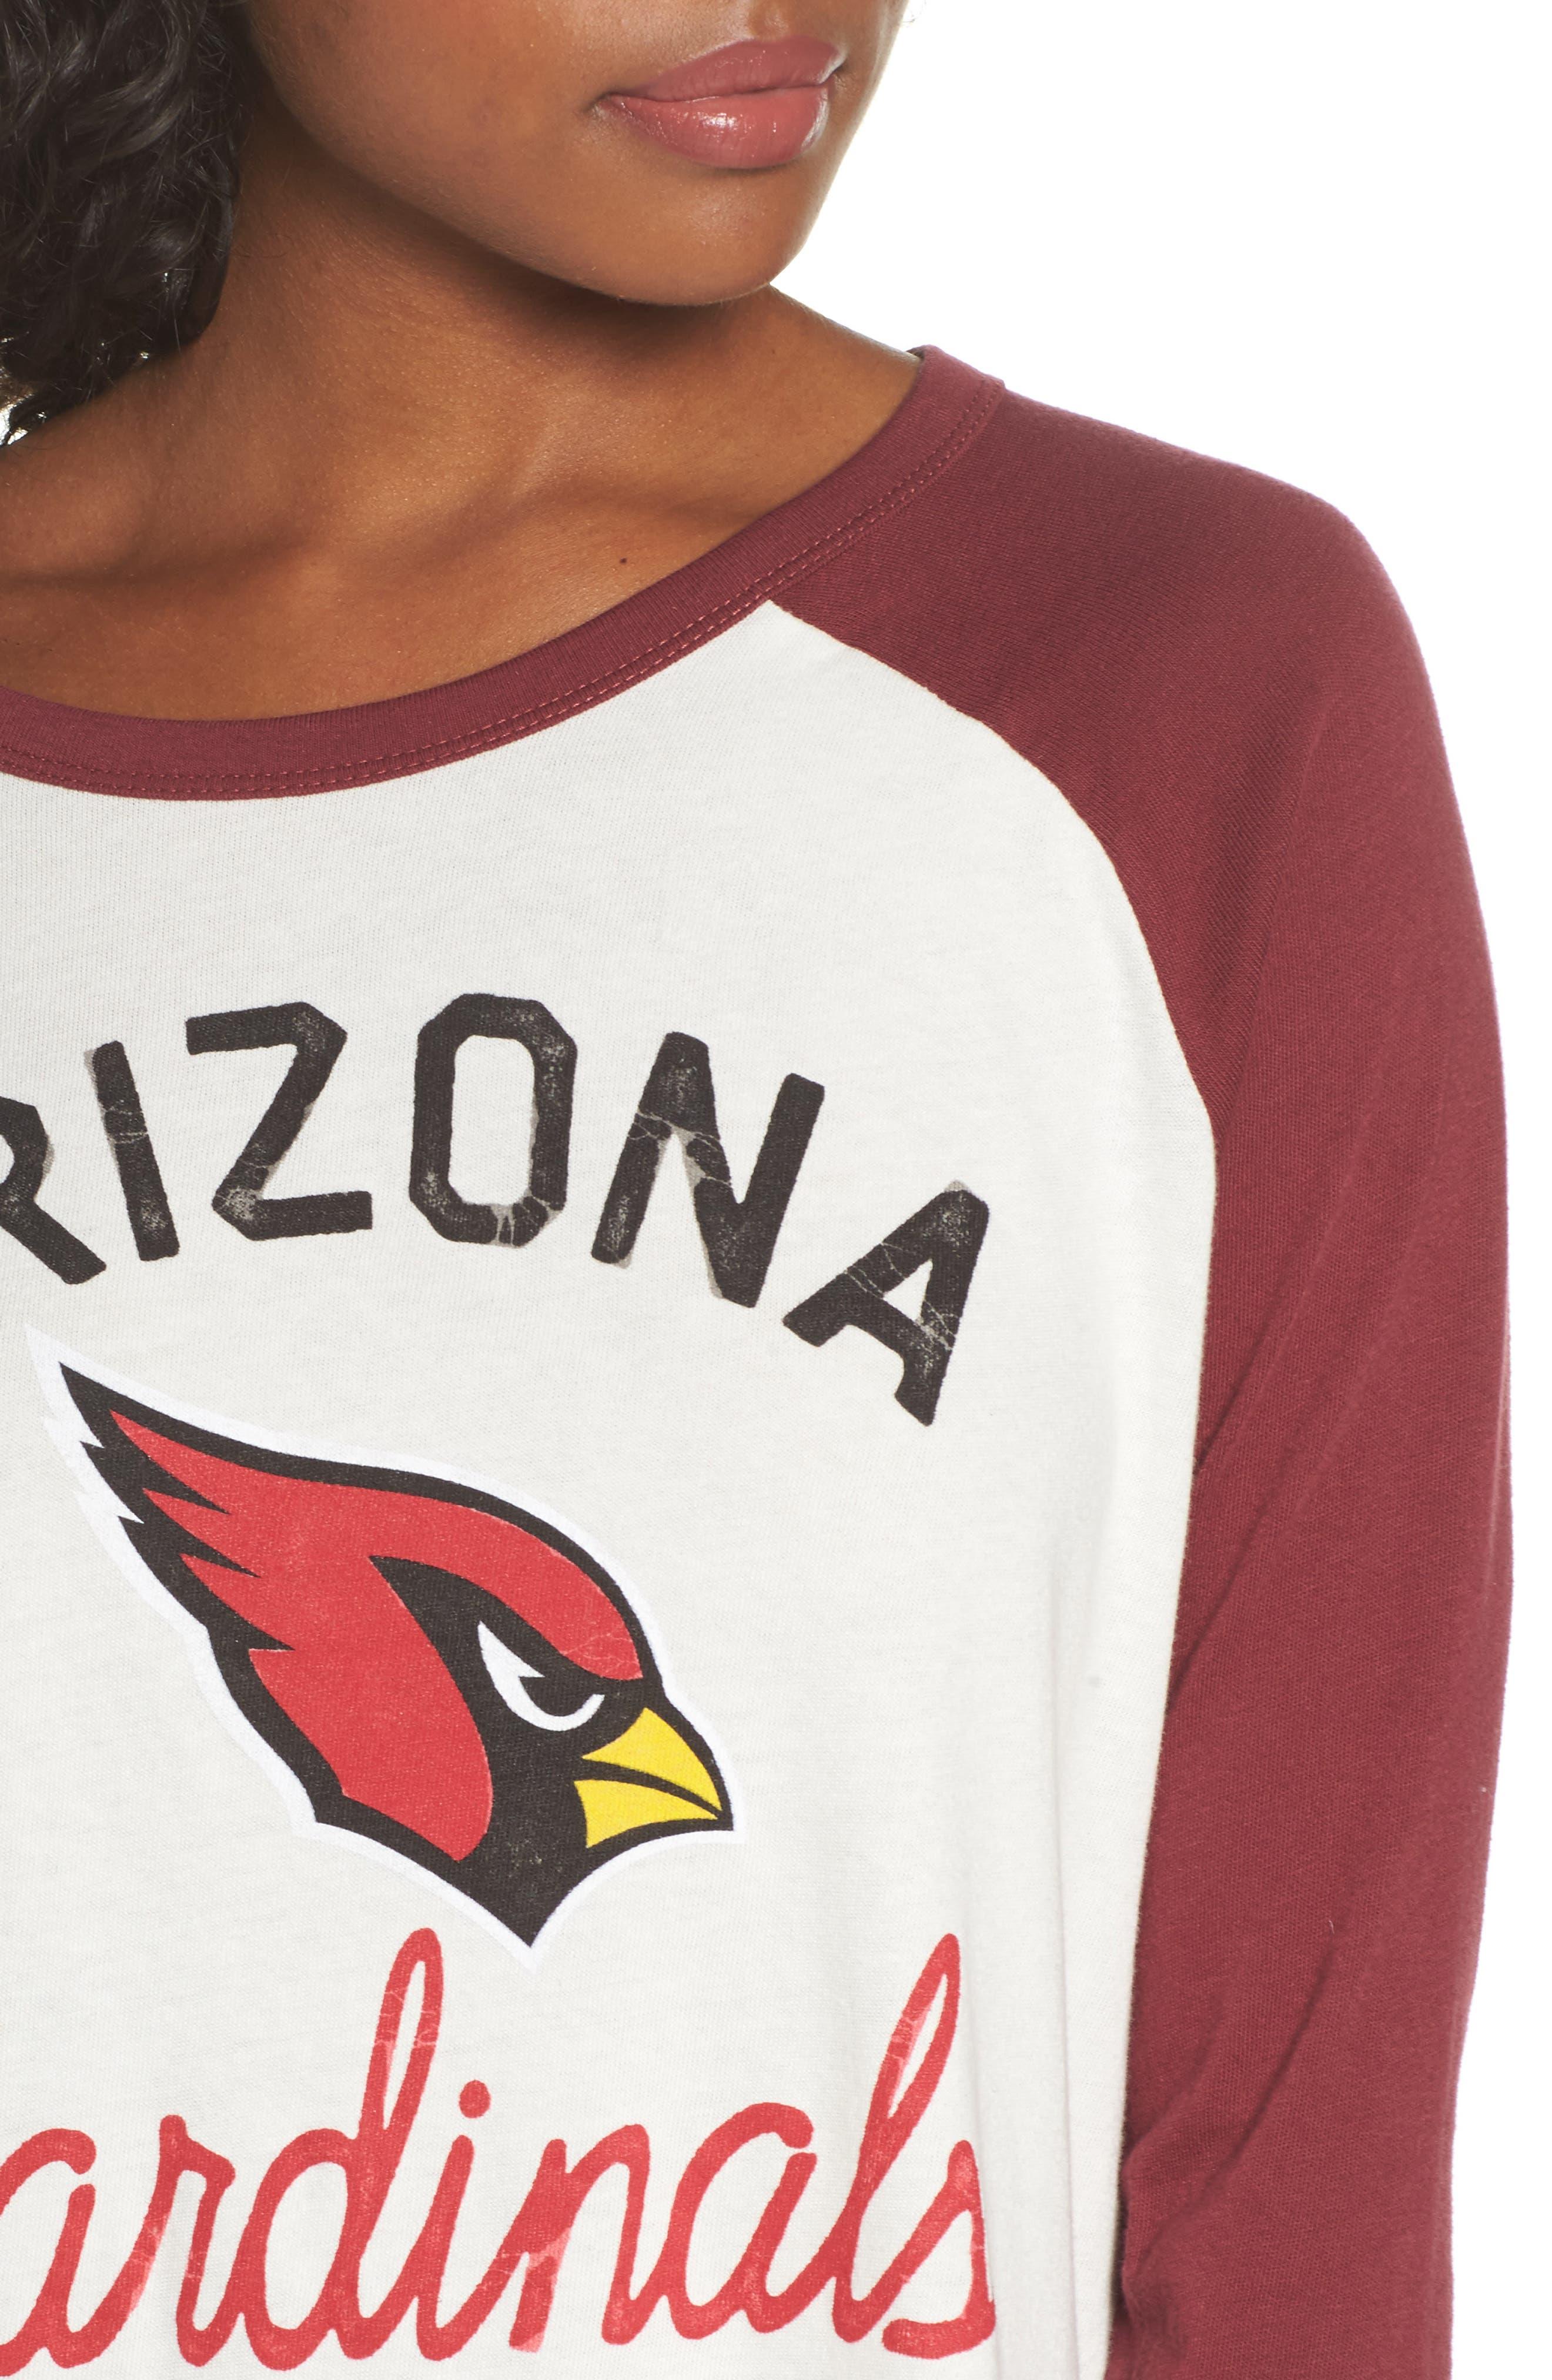 NFL Arizona Cardinals Raglan Tee,                             Alternate thumbnail 4, color,                             189